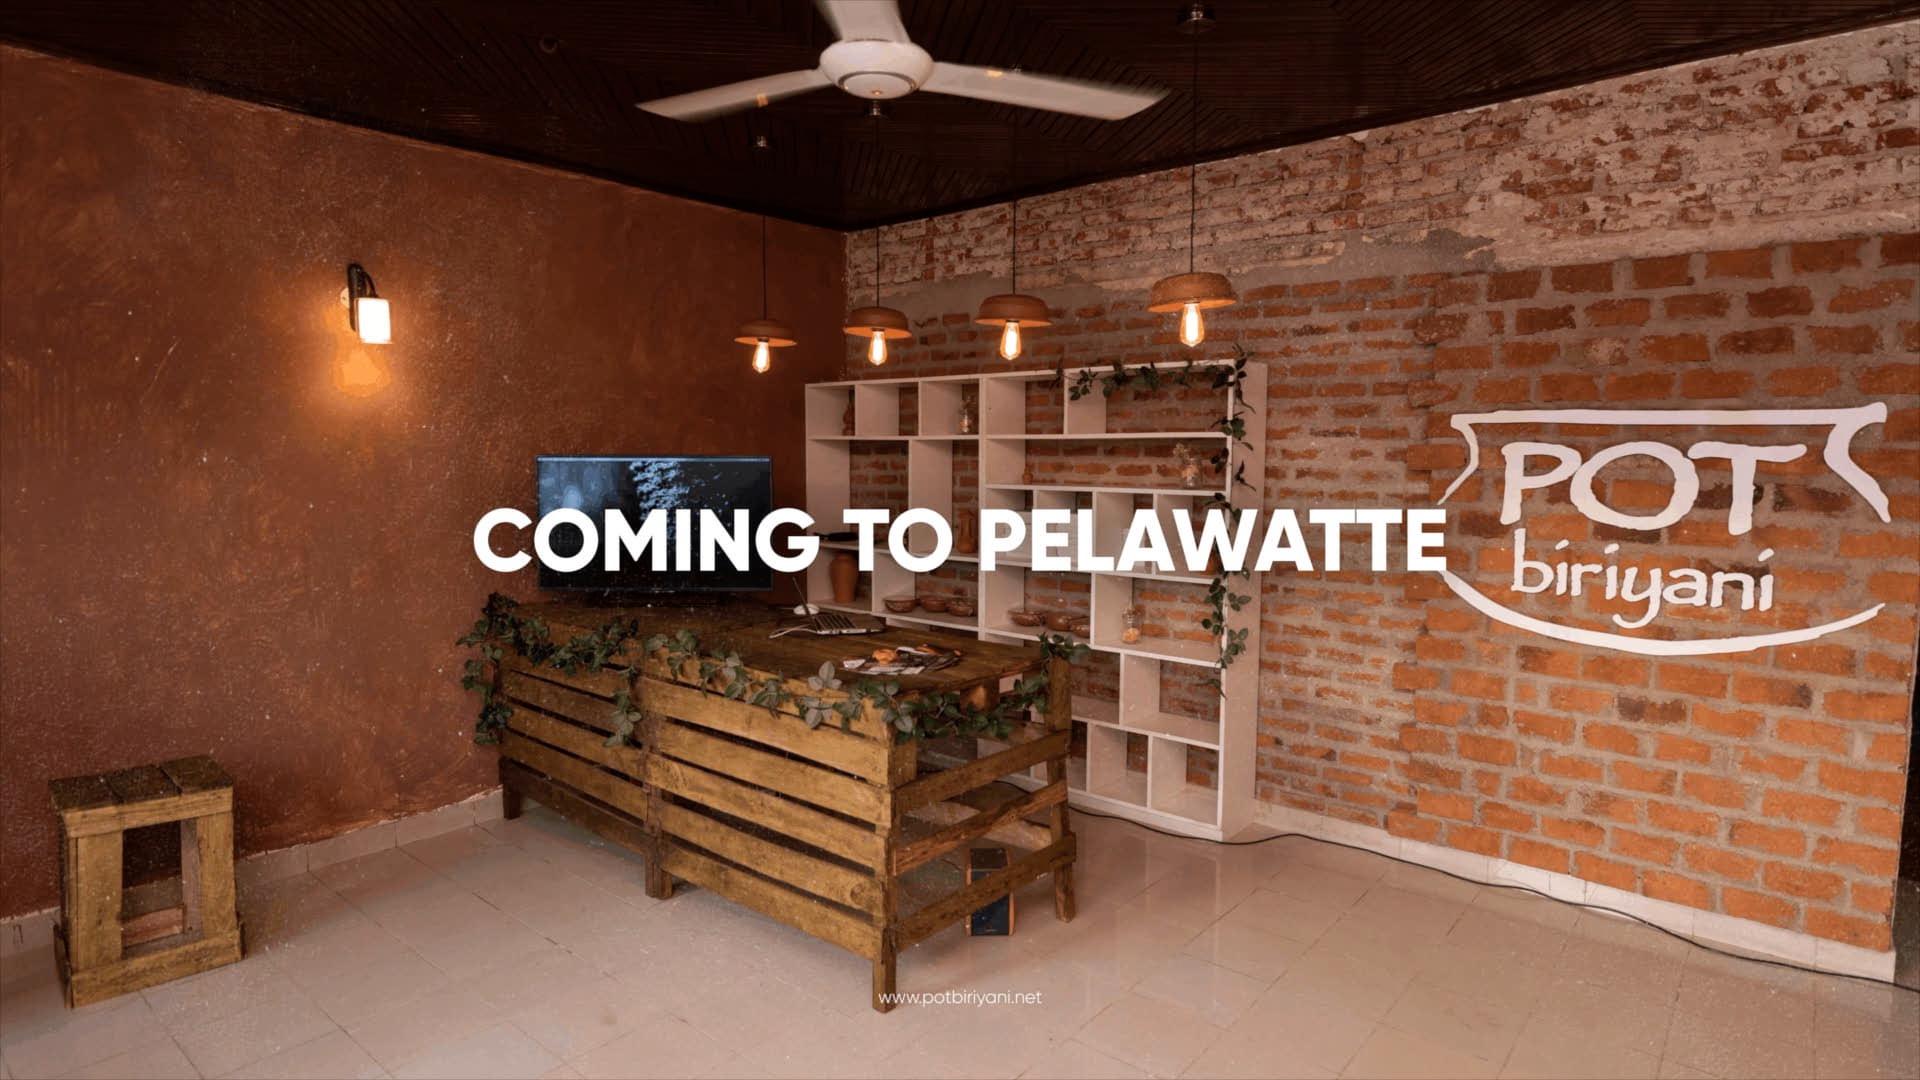 Coming to Pelawatte .jpg